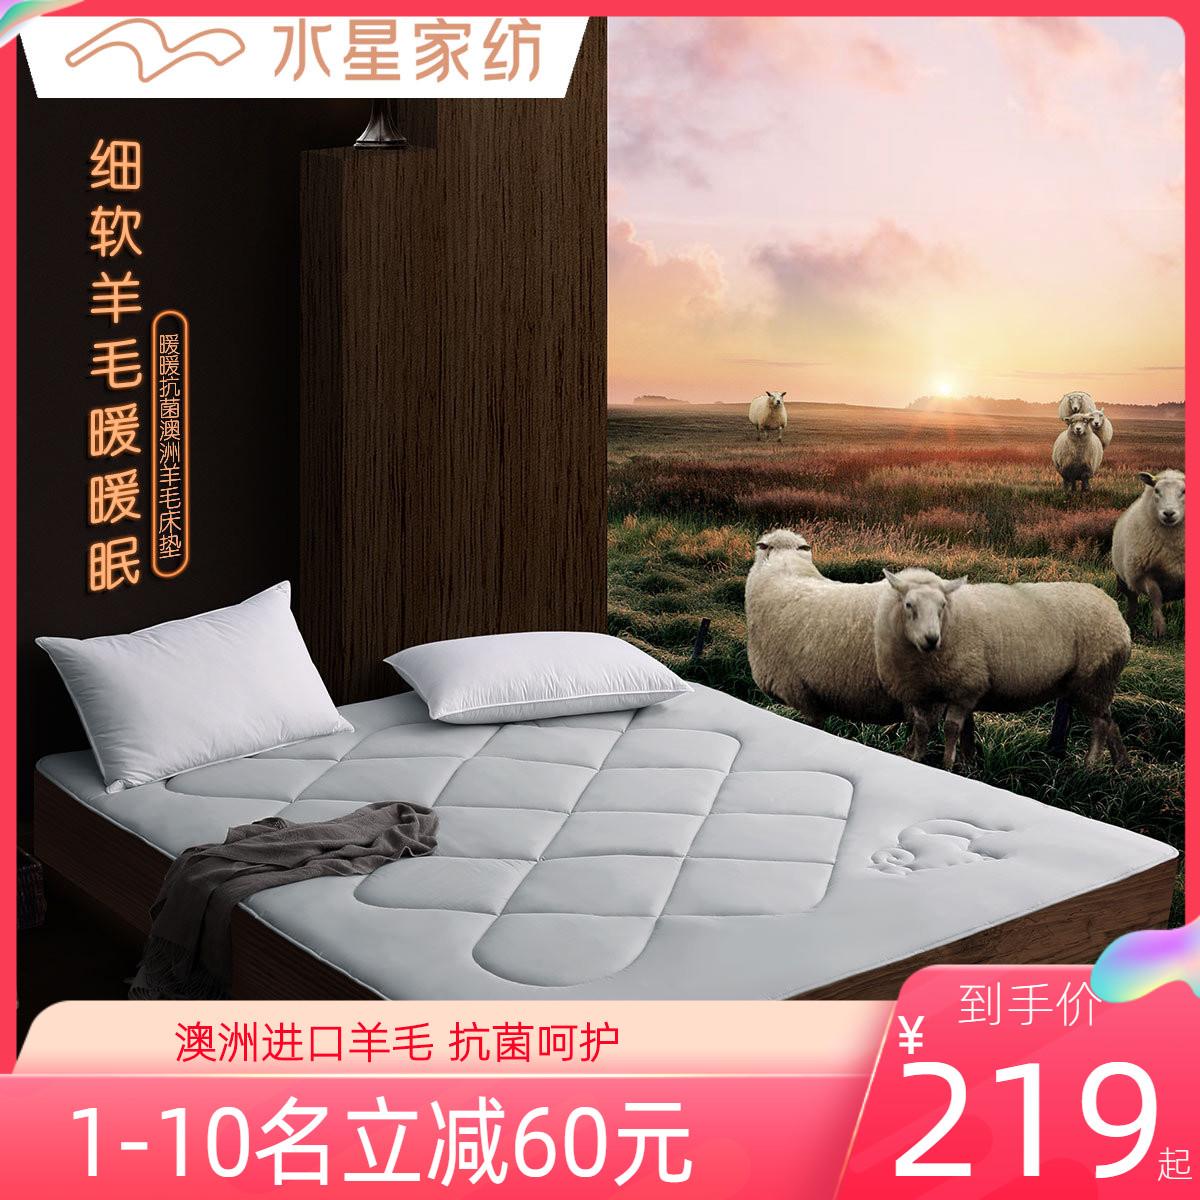 羊毛家纺暖暖抗菌澳洲水星学生床垫羊毛榻榻米宿舍床垫软垫